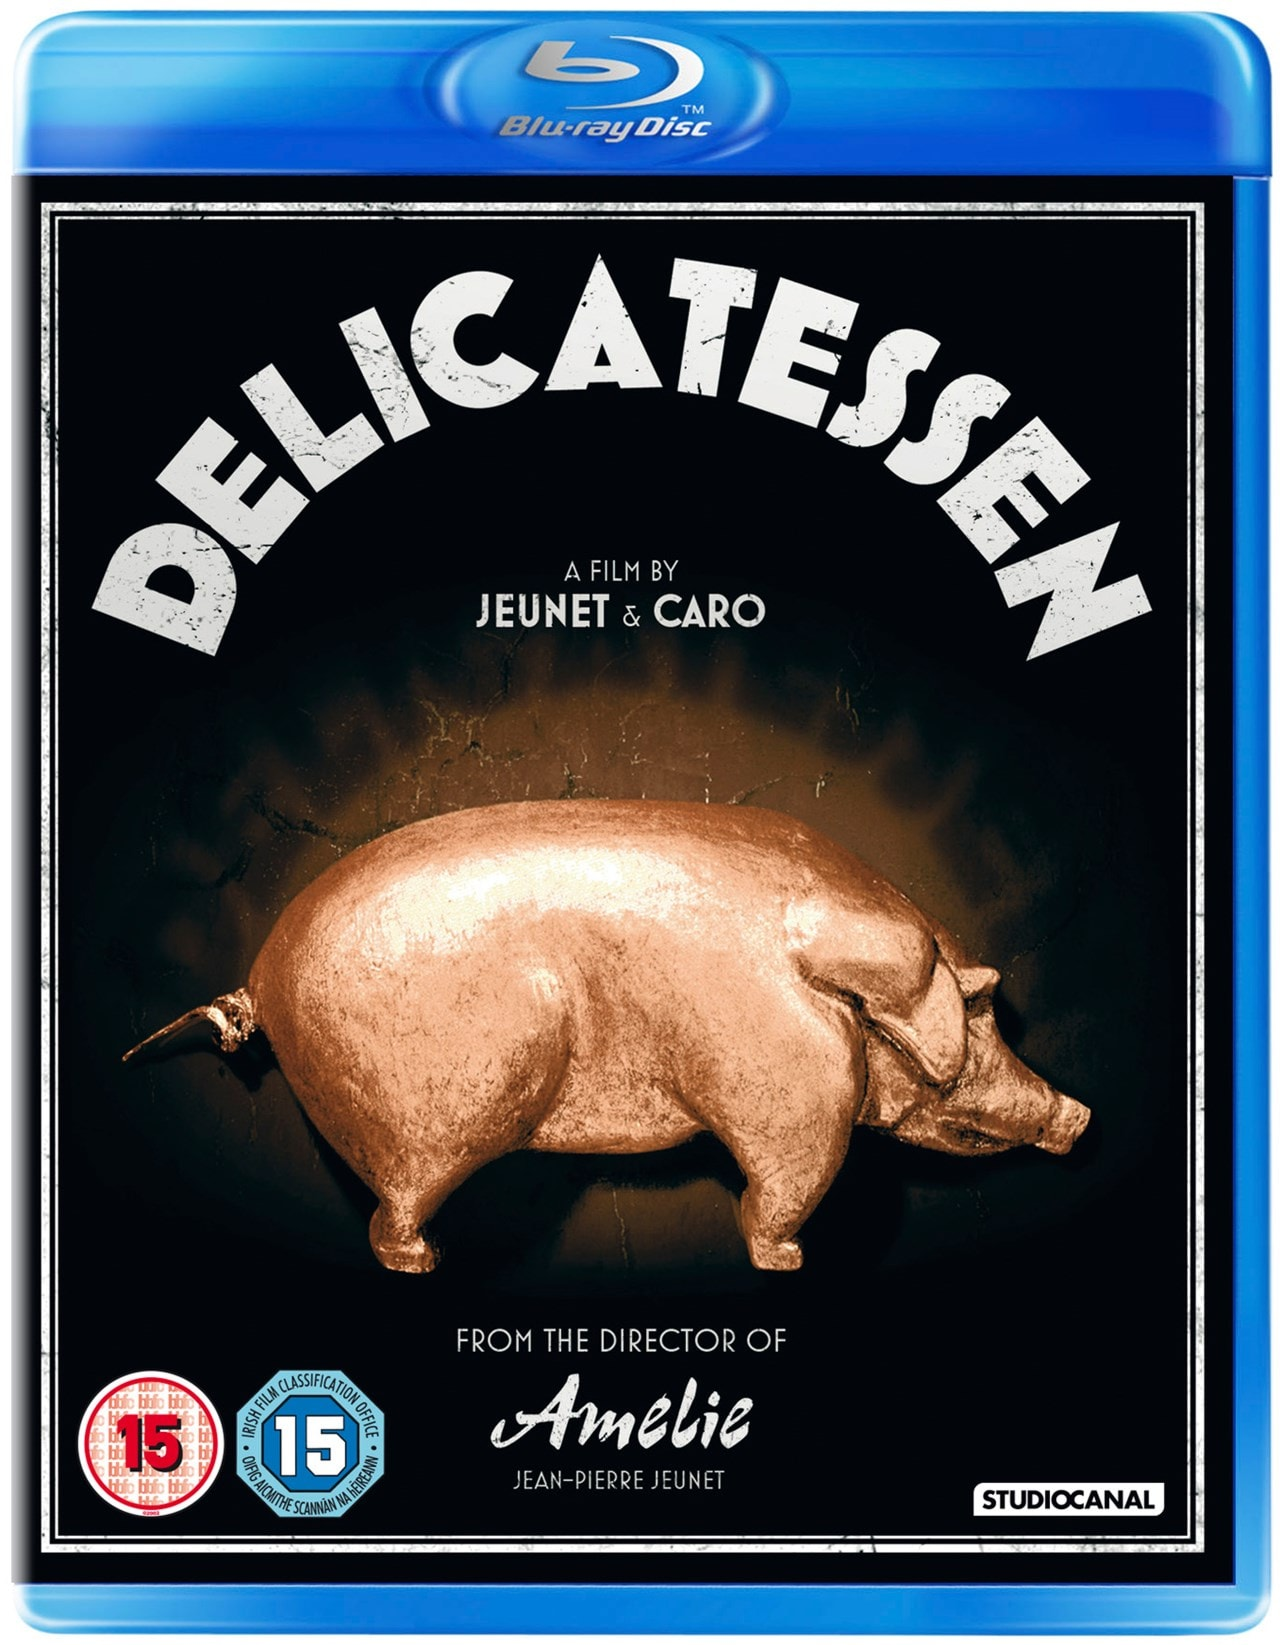 Delicatessen - 1